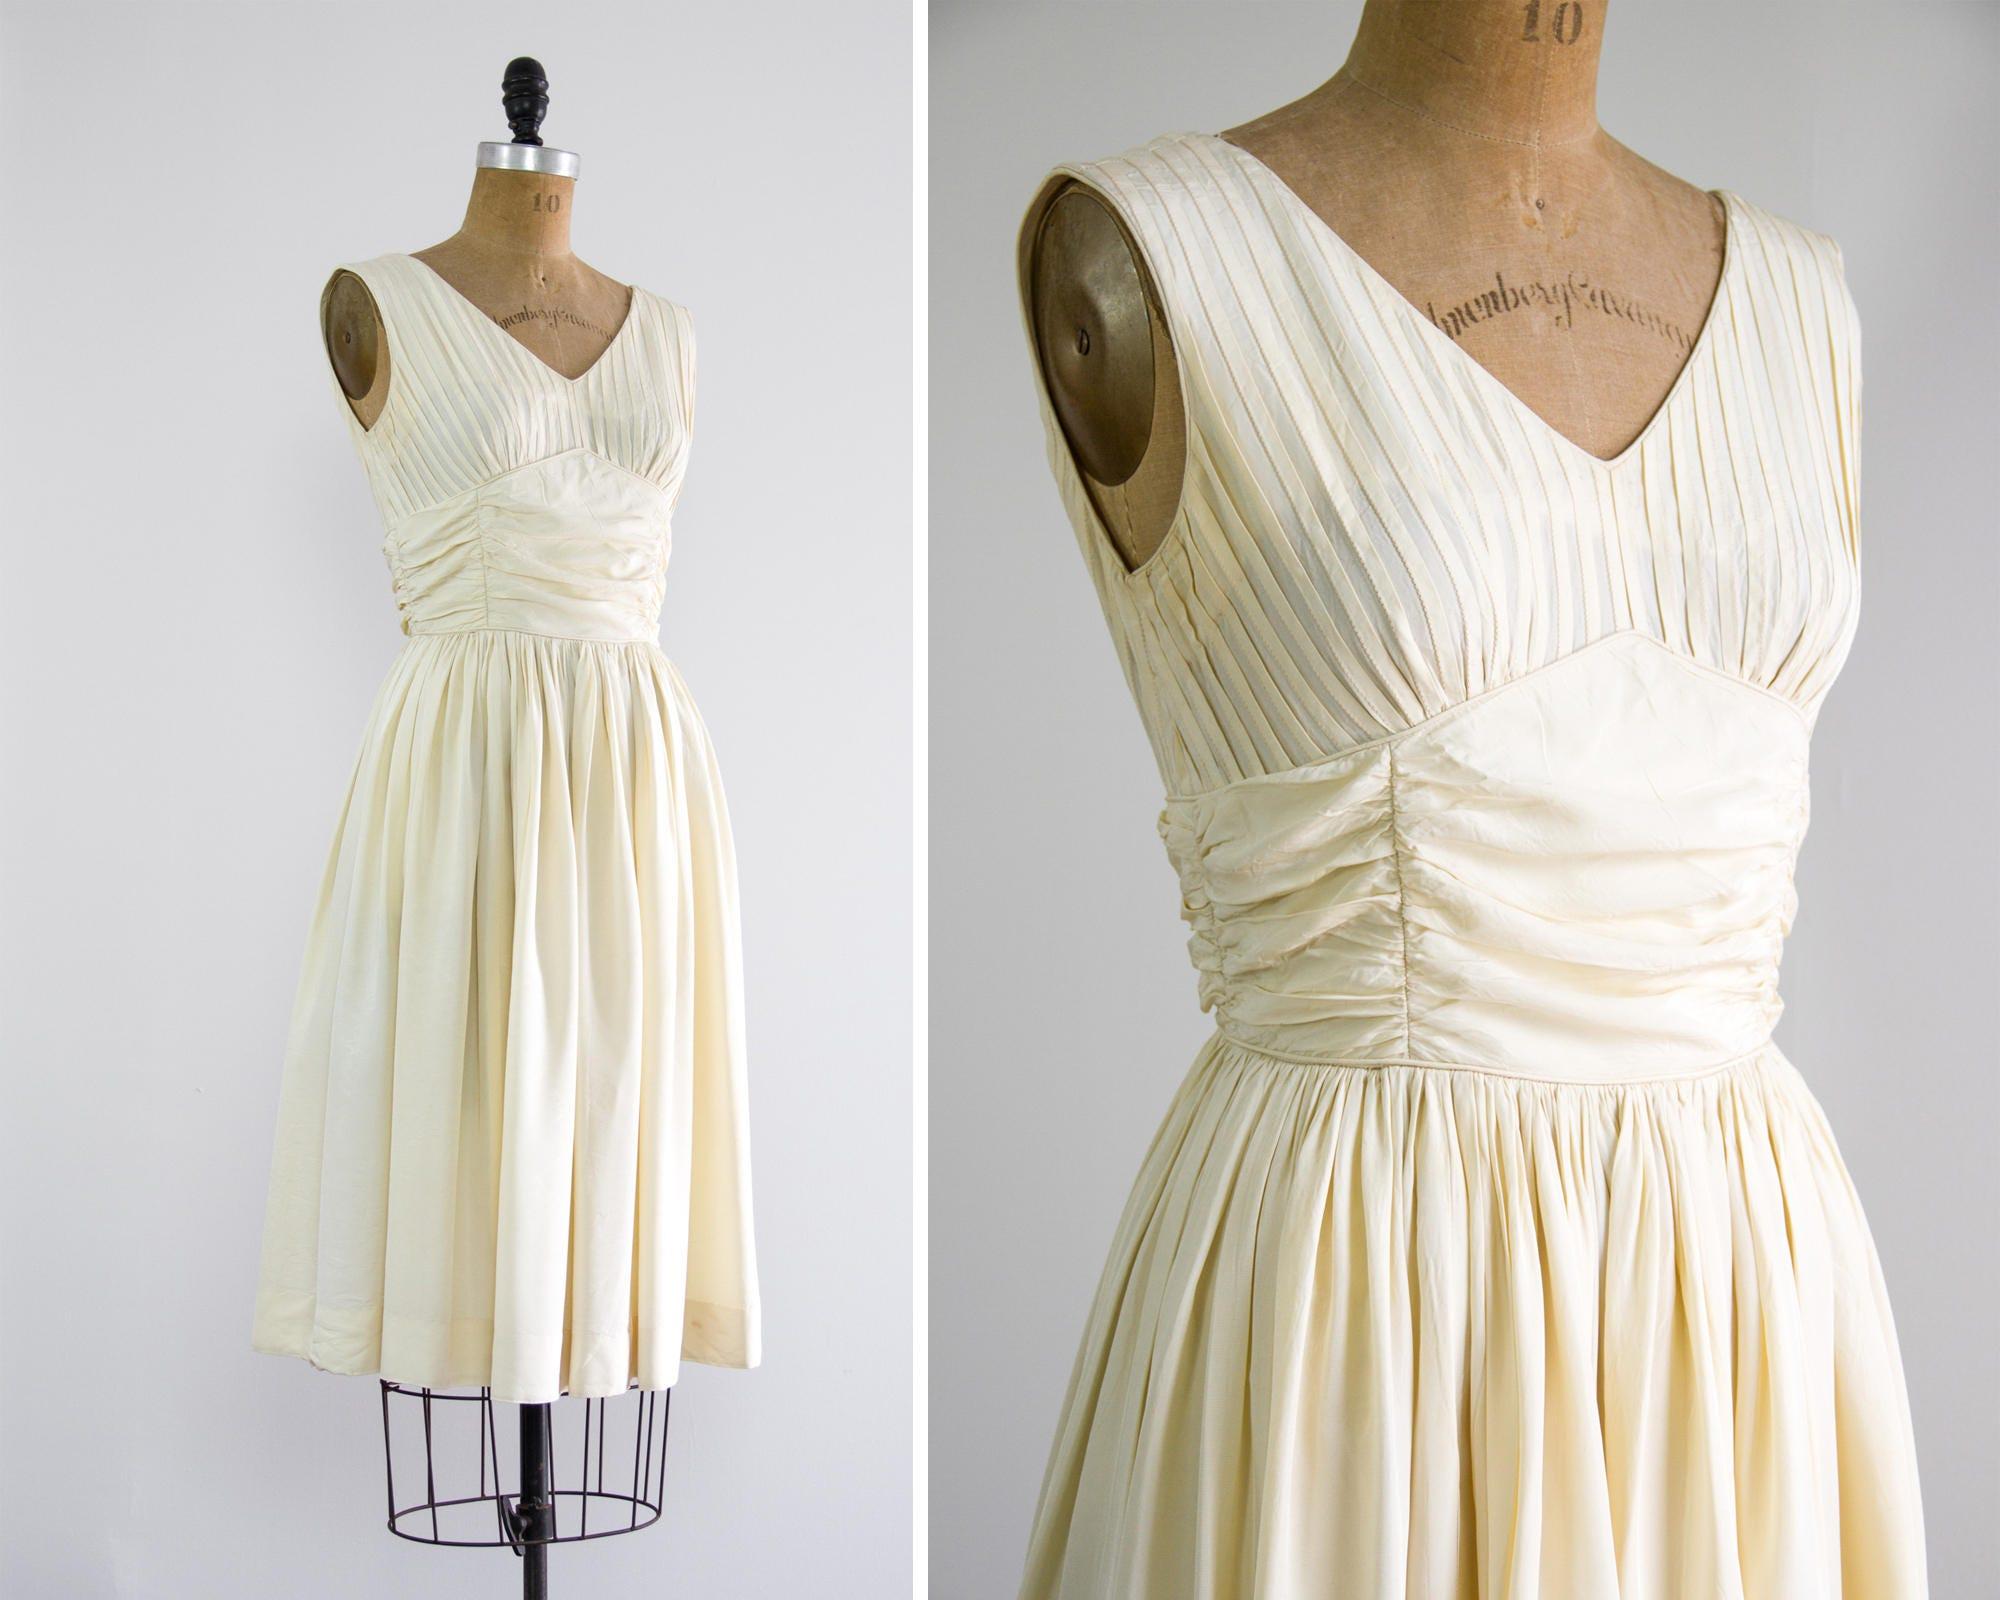 Jahrgang 1950 Hochzeitskleid mit kurzen 50er Jahre Elfenbein